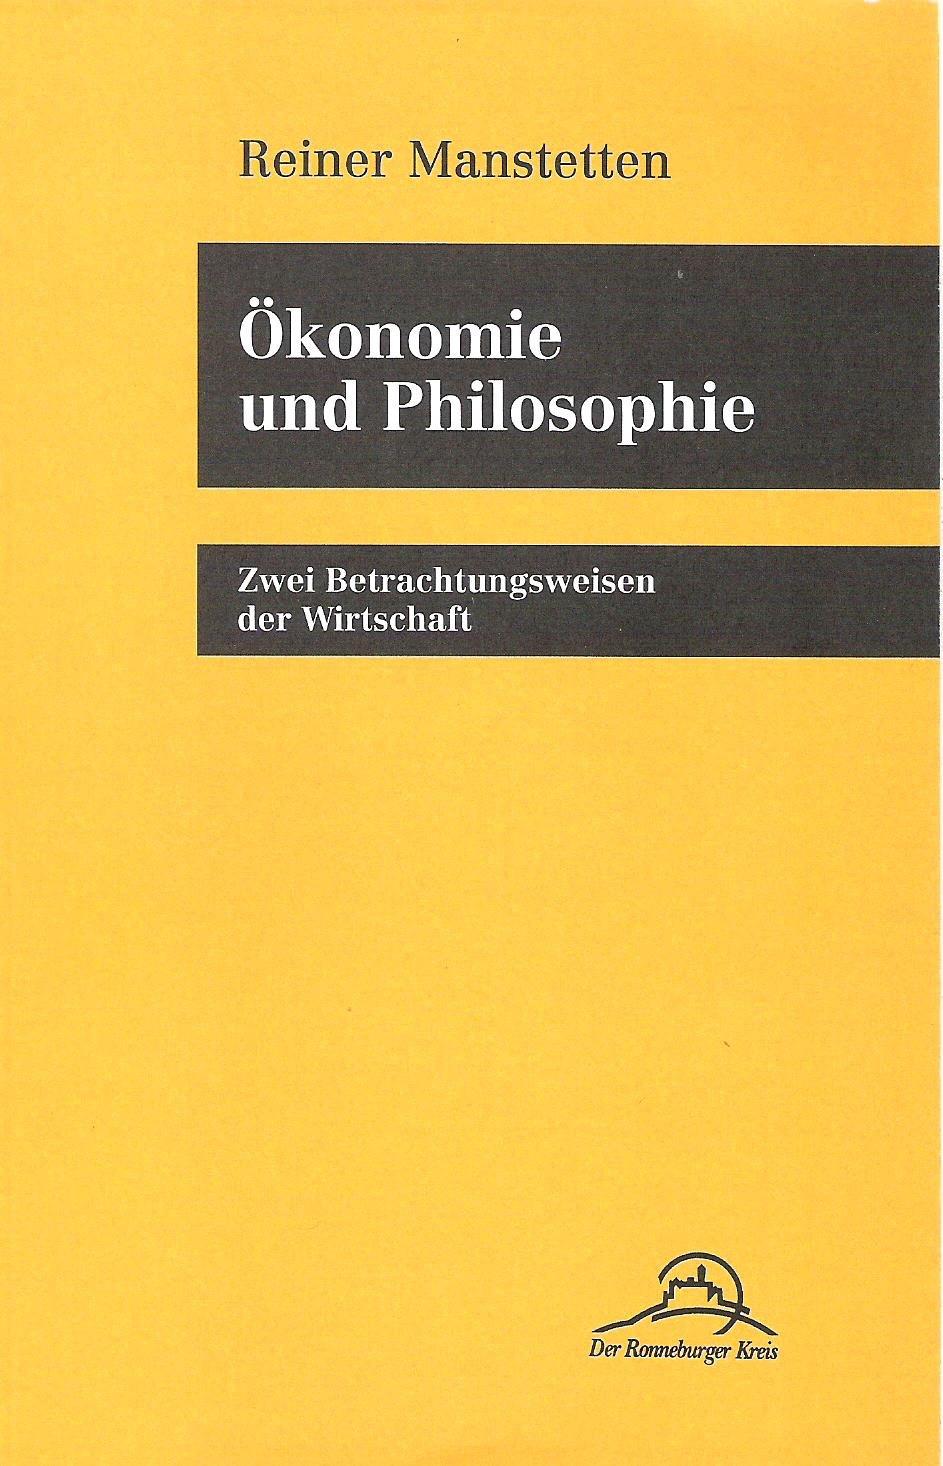 Ökonomie und Philosophie: Zwei Betrachtungsweisen der Wirtschaft